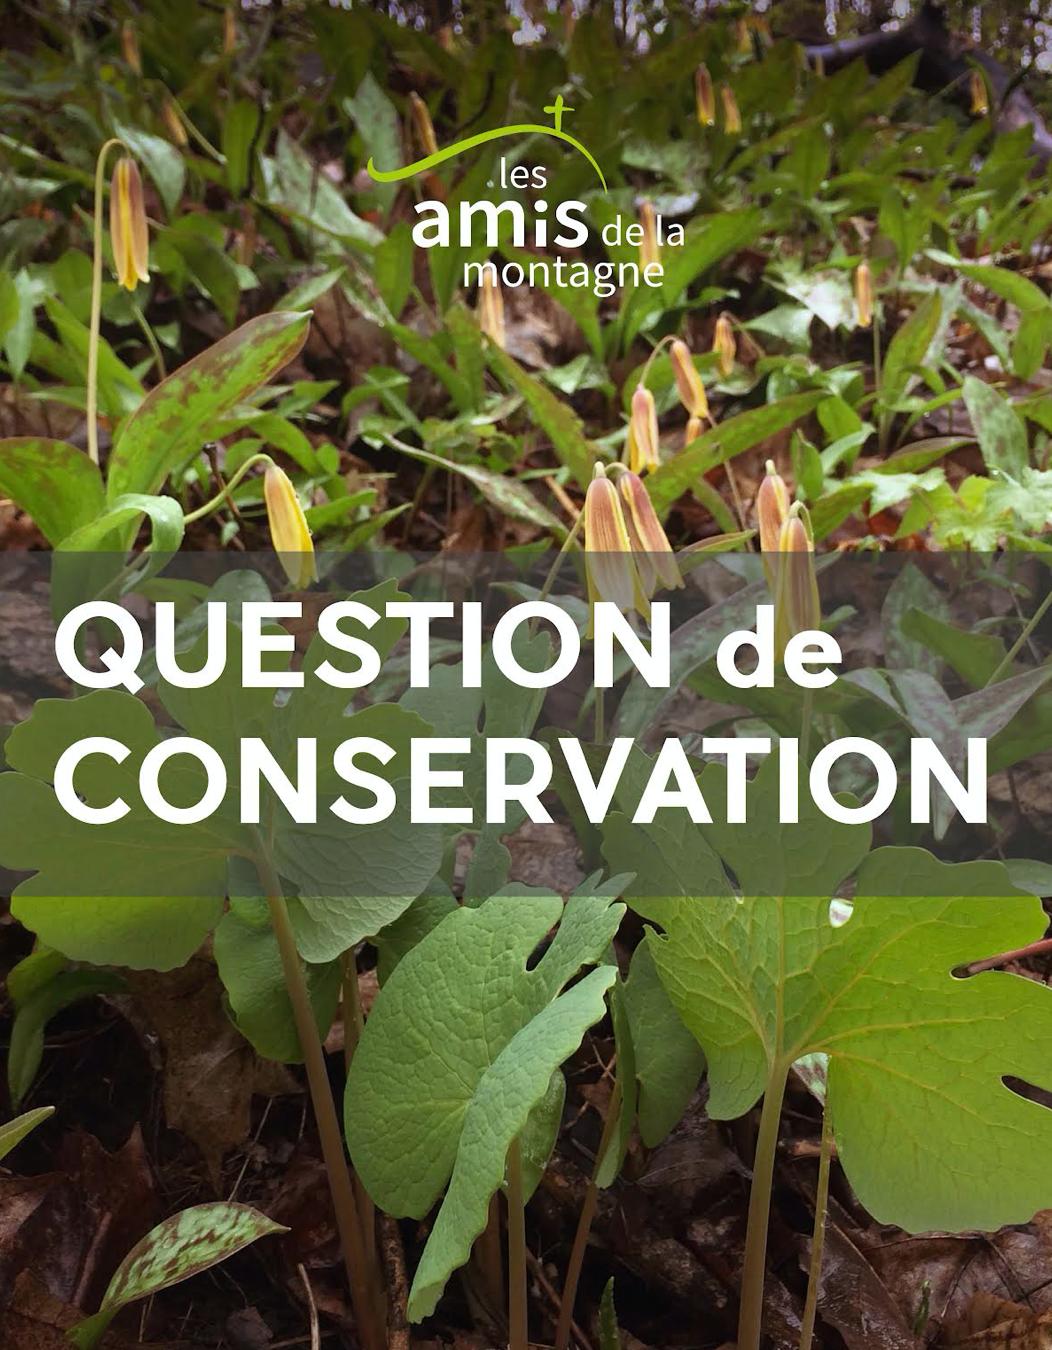 Kiosque: Question de conservation